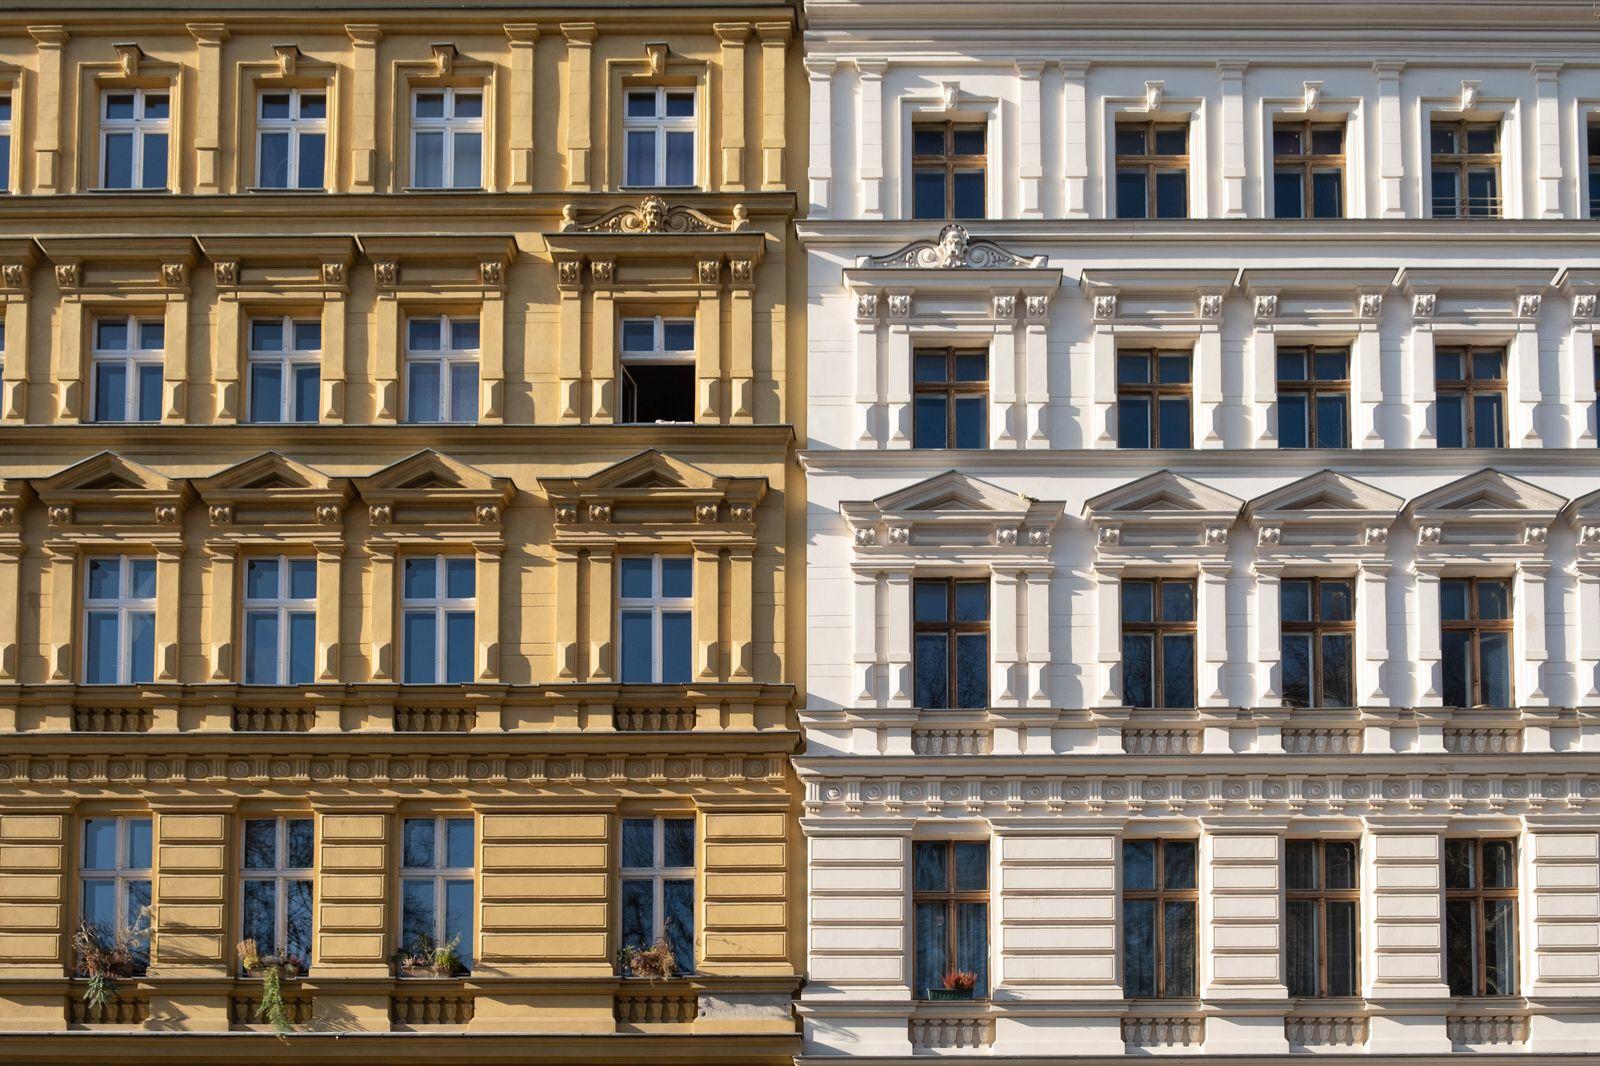 Wohnhäuser in Berlin-Prenzlauer Berg Wohnhäuser in Berlin *** Houses in Berlin Prenzlauer Berg Houses in Berlin